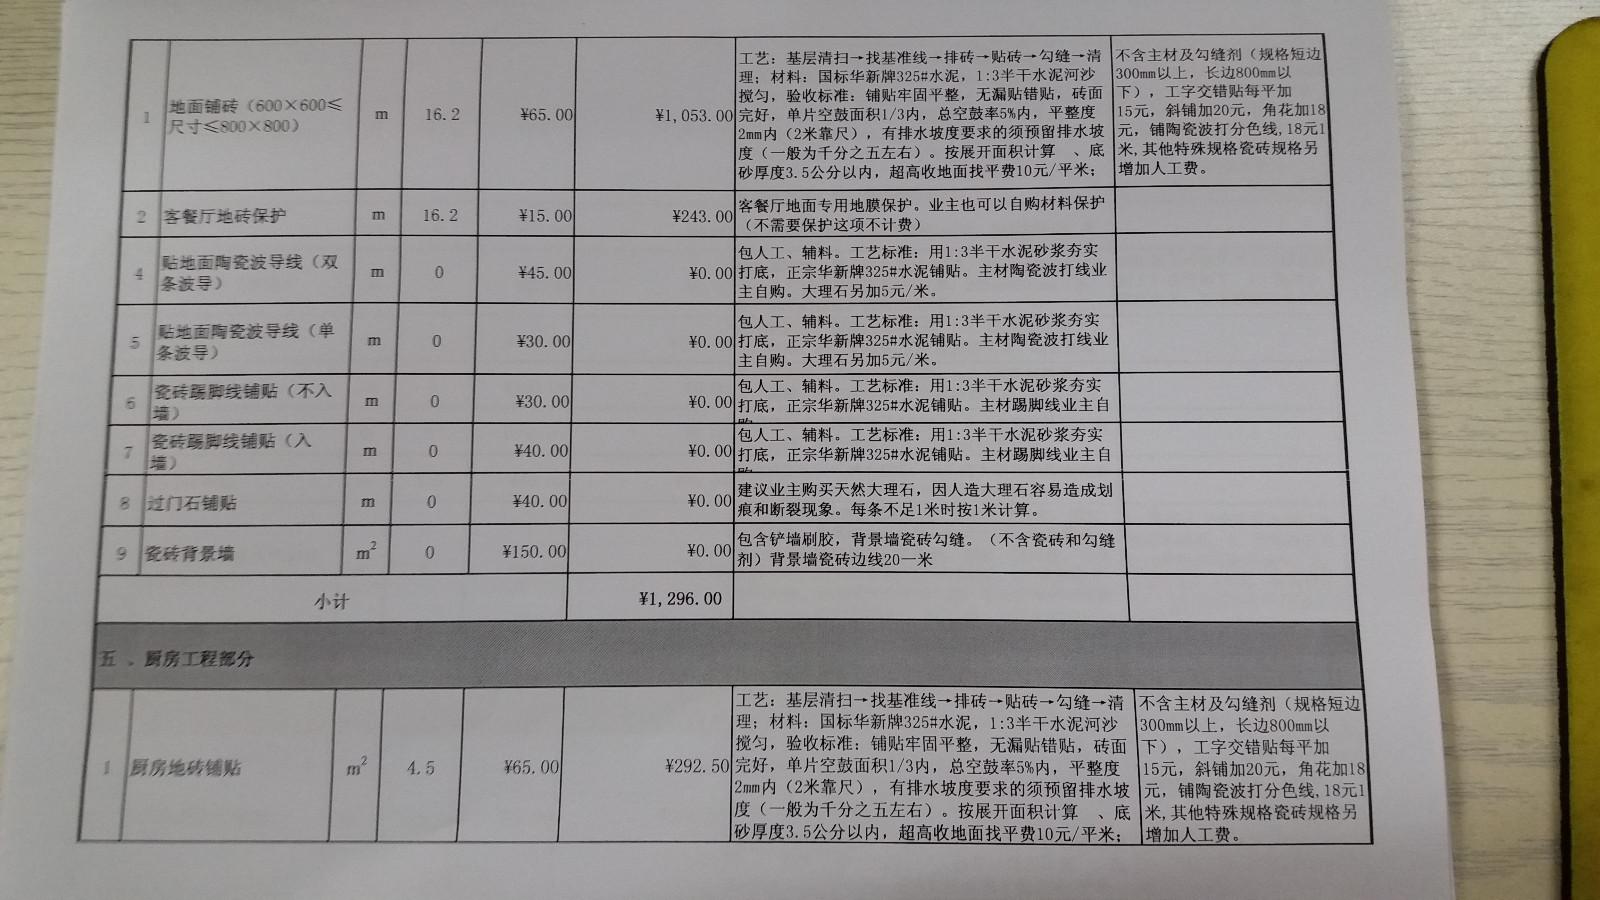 长源假日港湾报价审核结果5